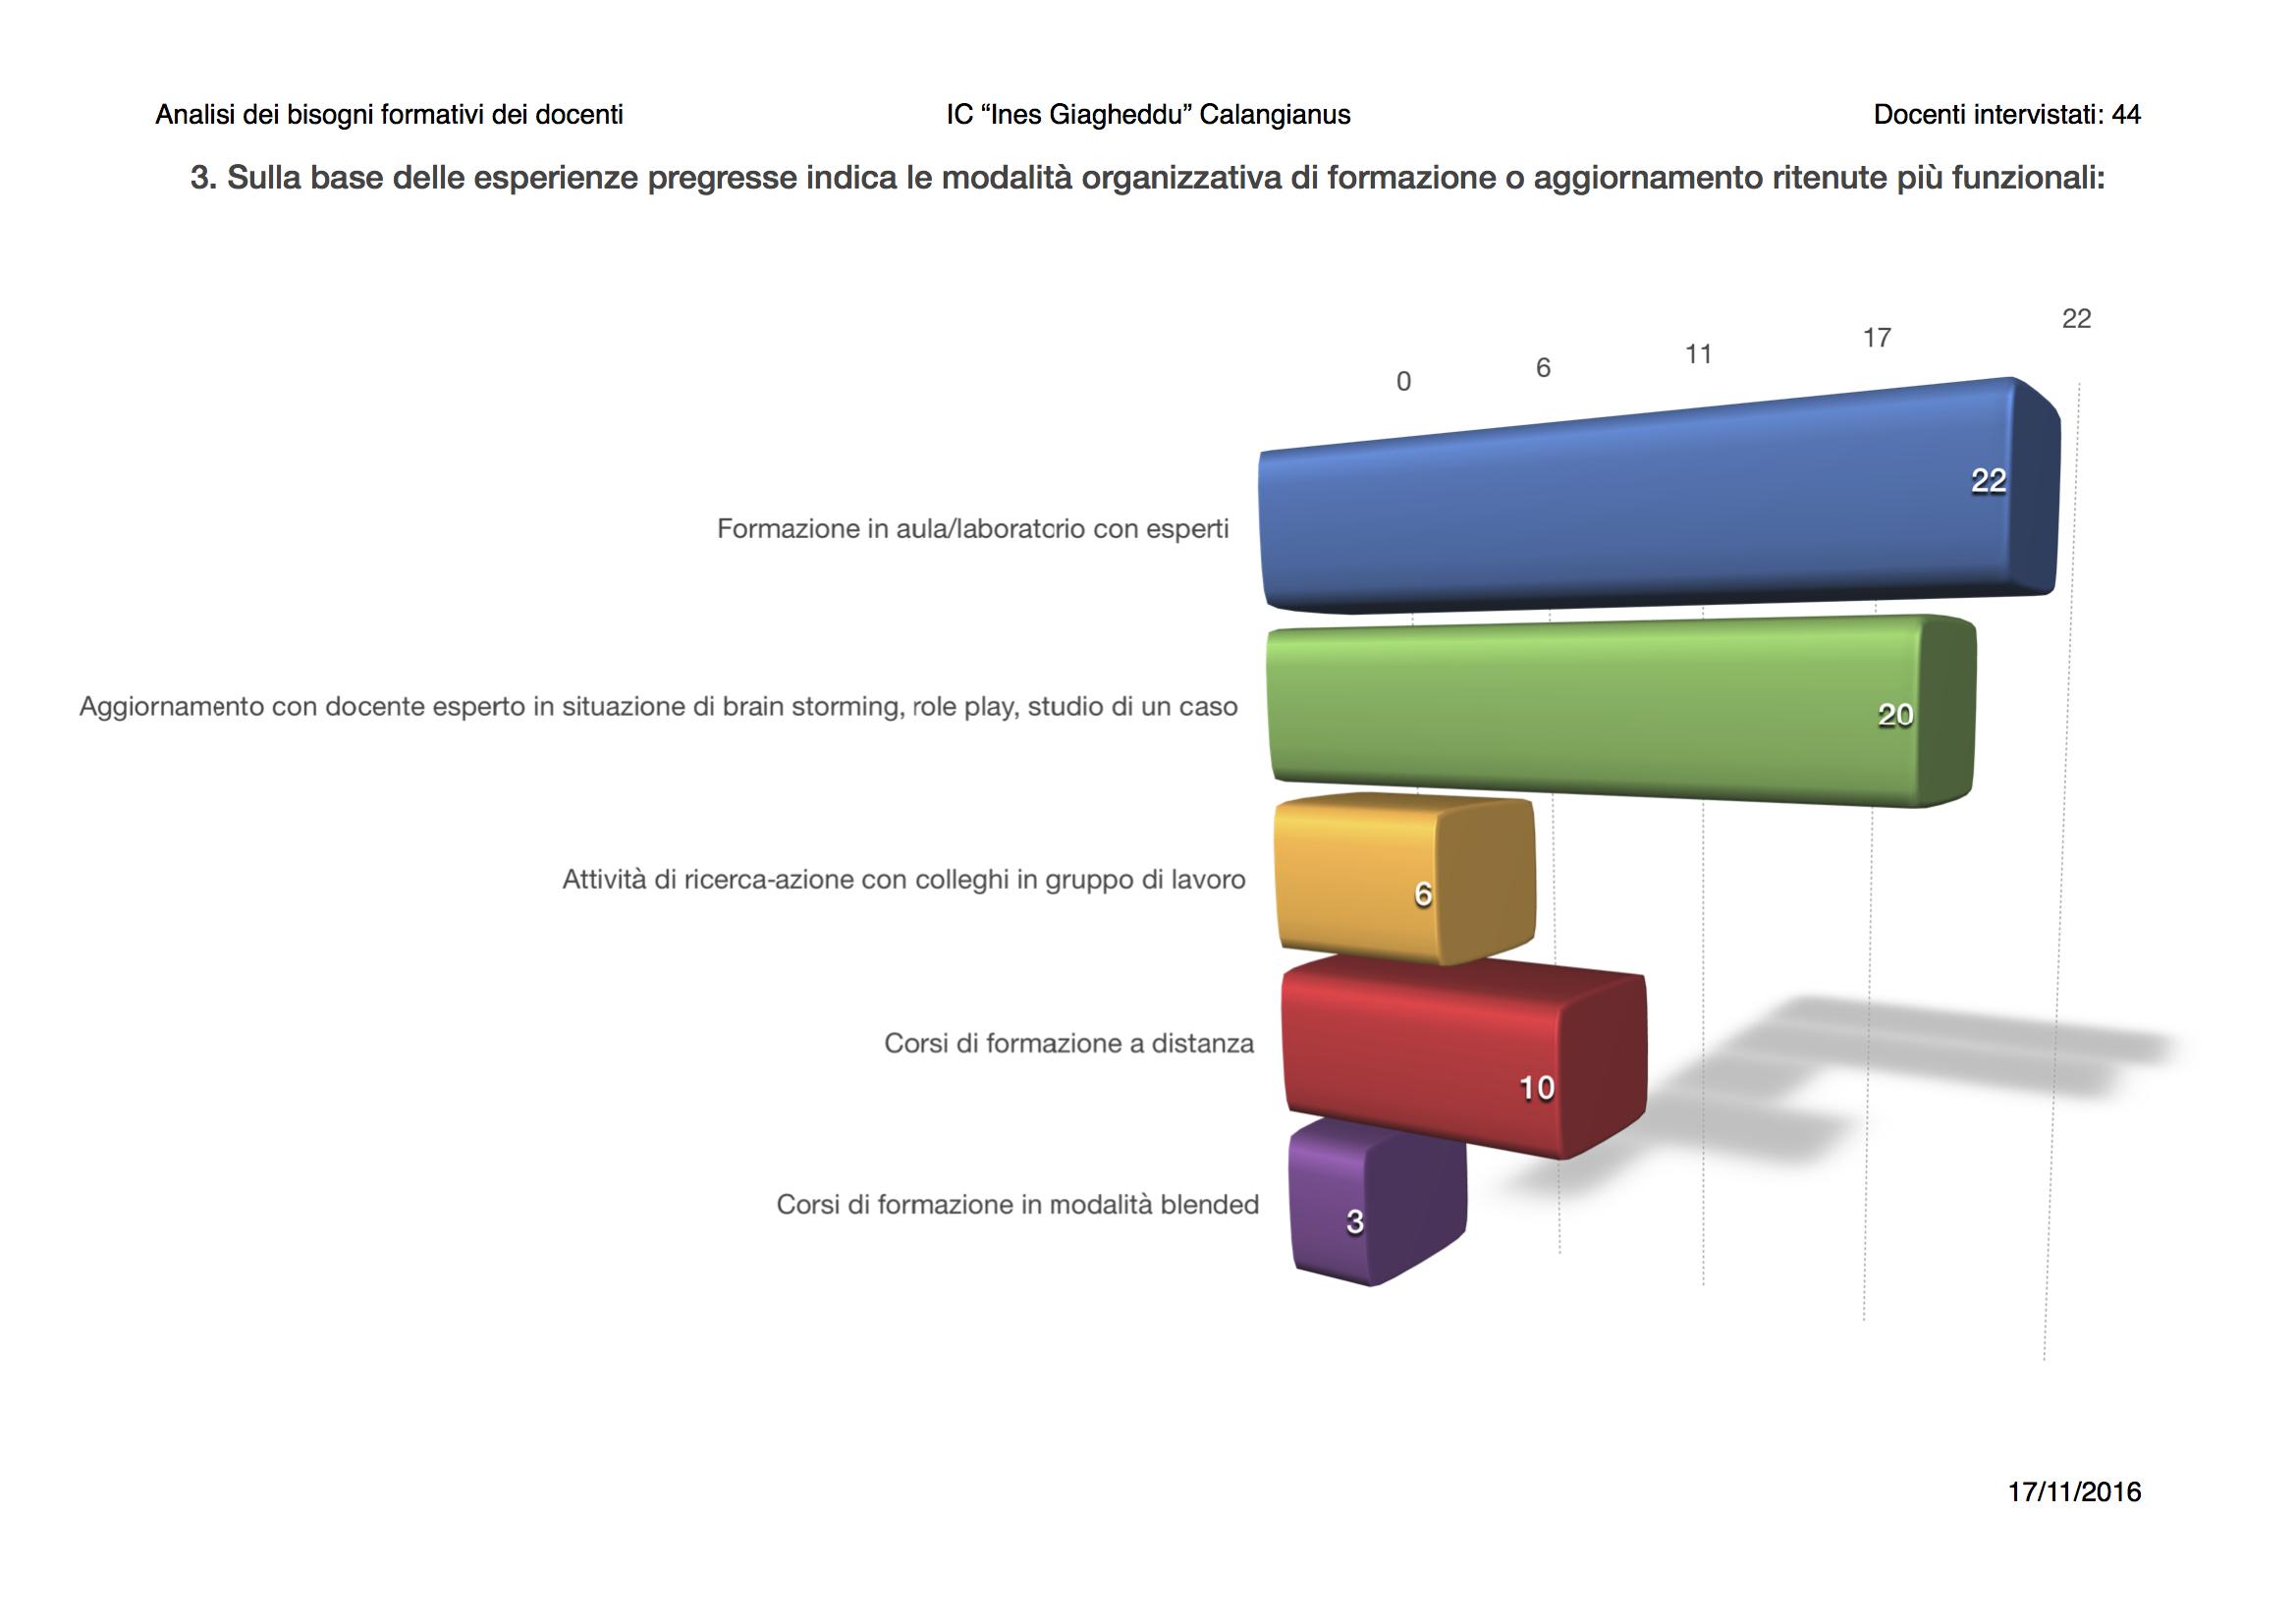 IC Giagheddu elaborazione grafica bisogni formativi docenti